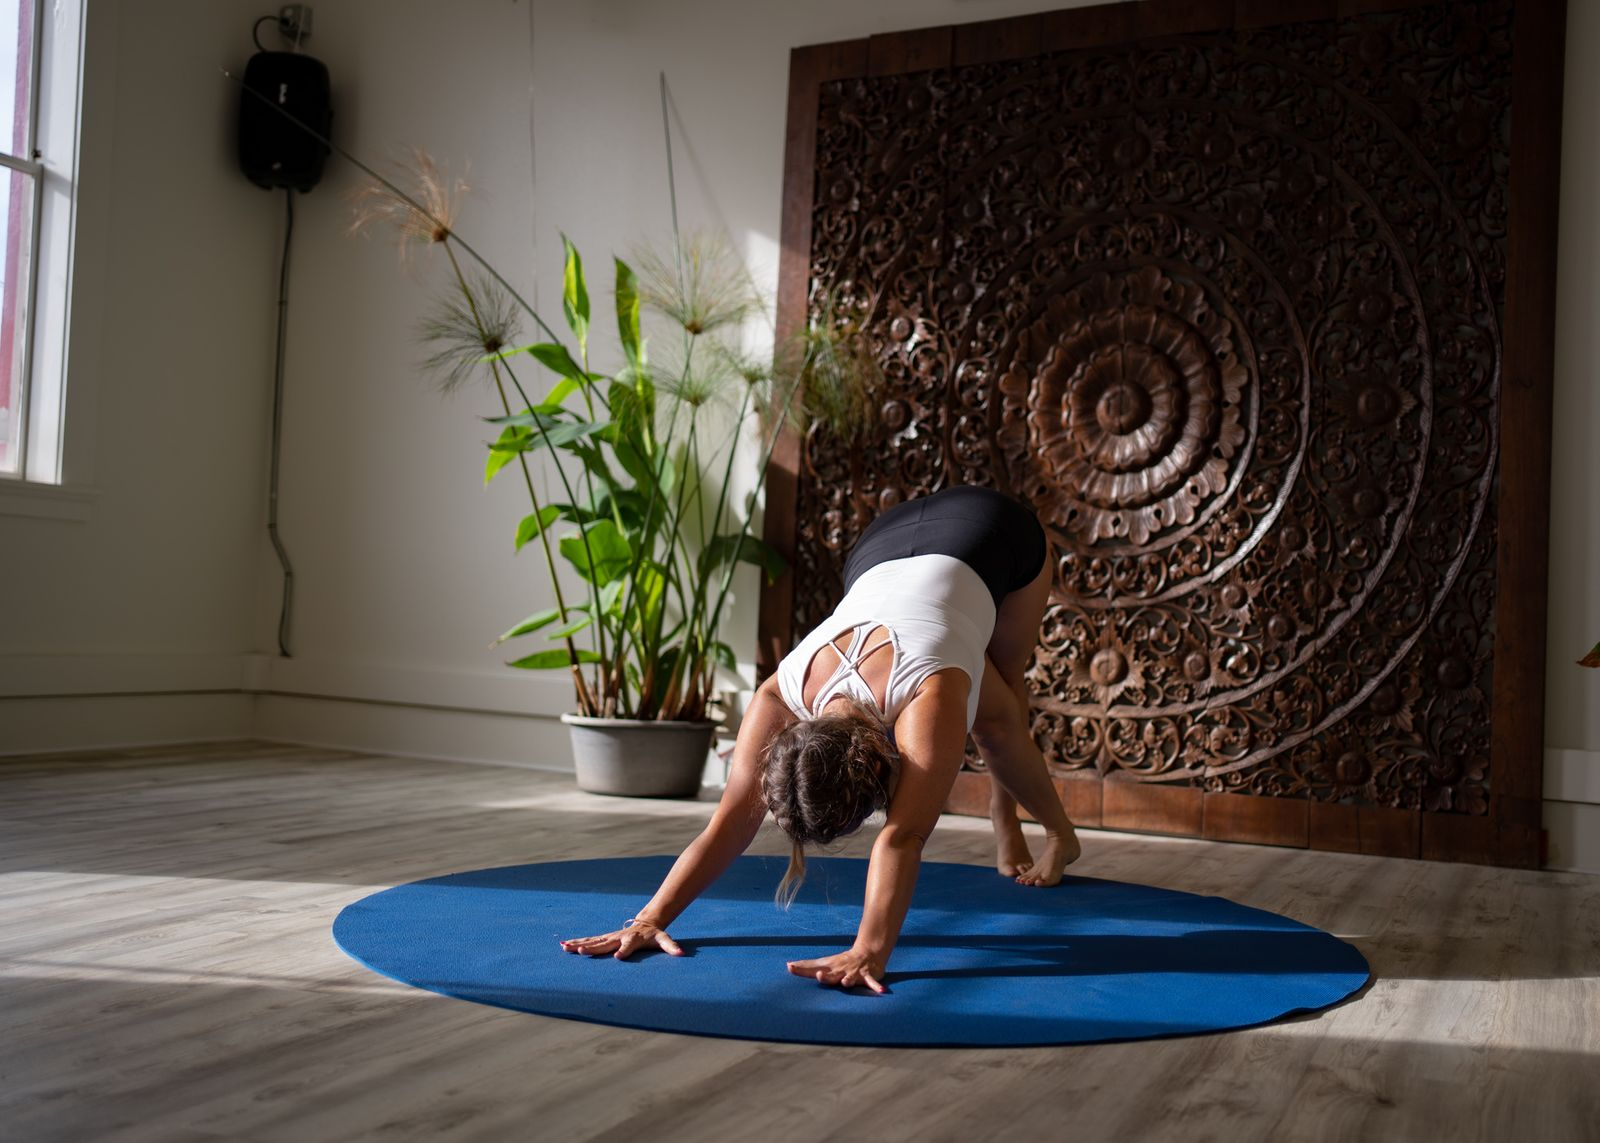 Molly-Masaoka-Yoga-Sequencing-Training.jpg